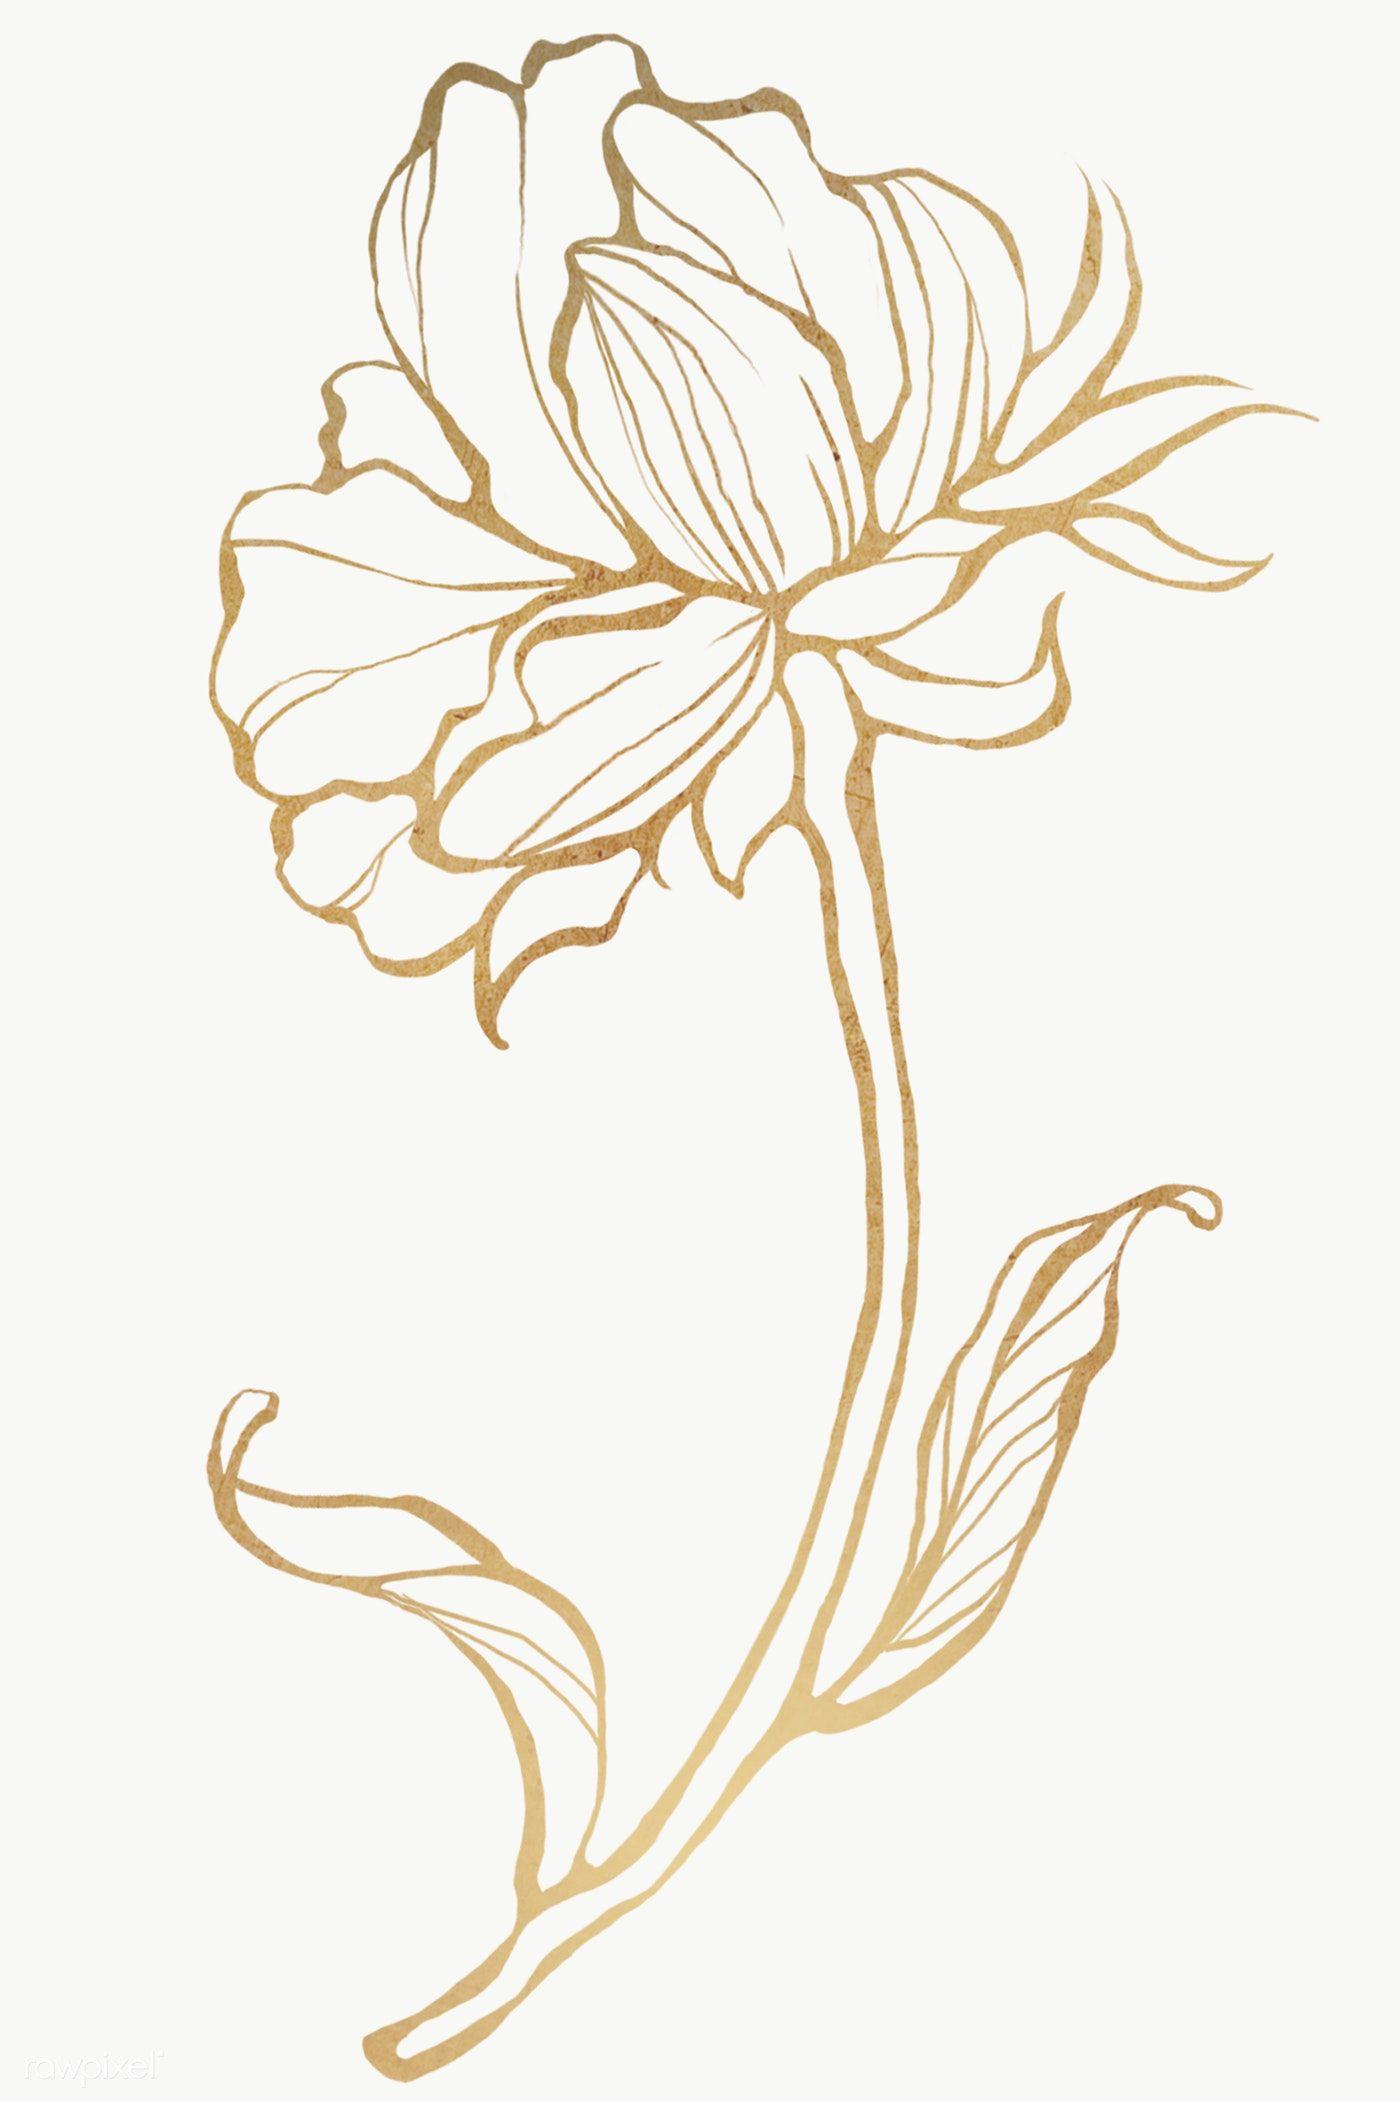 Gold Flower Outline Transparent Png Premium Image By Rawpixel Com Nunny Flower Outline Leaf Outline Flower Drawing